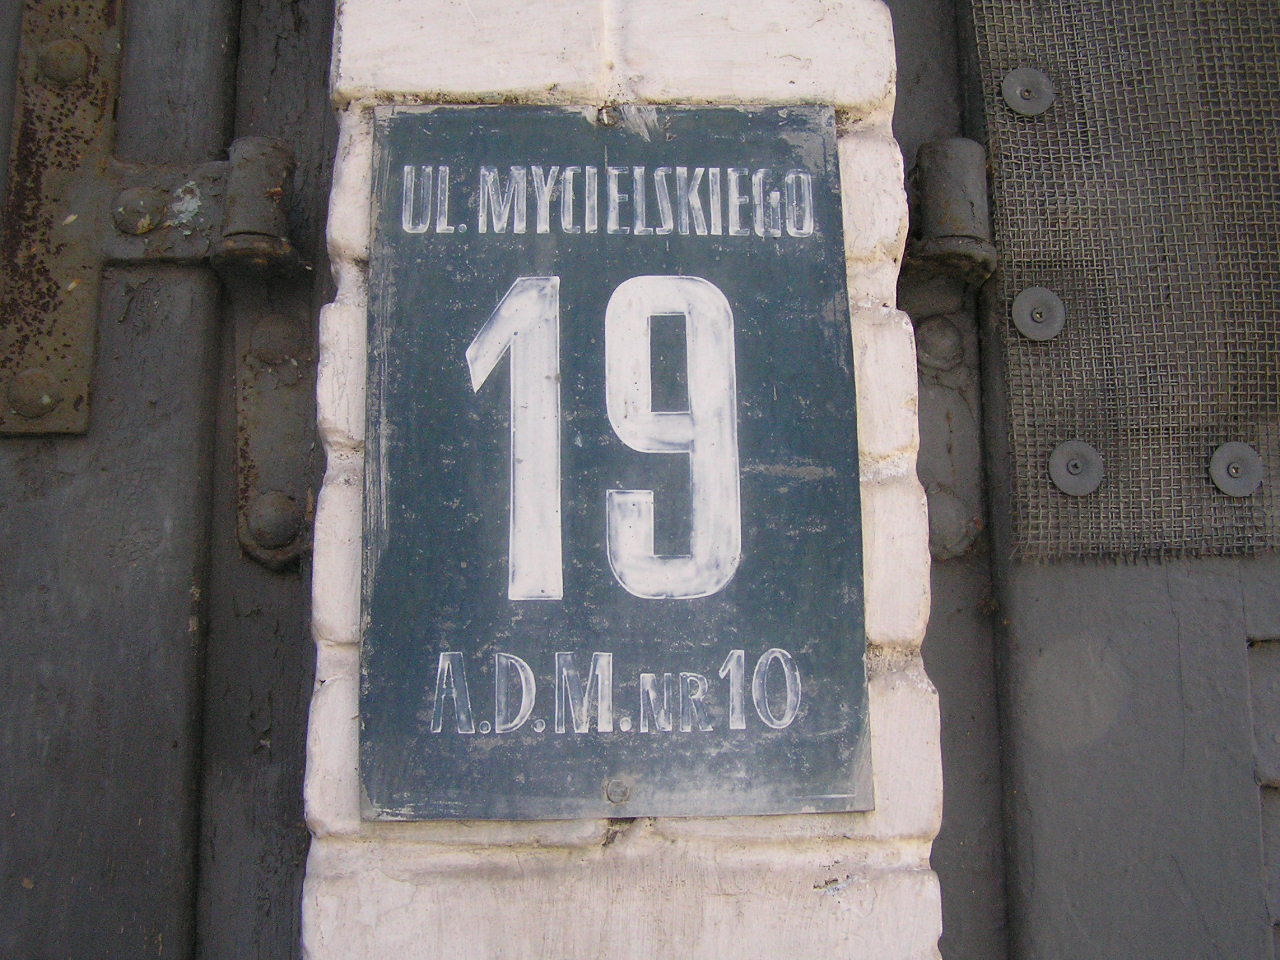 Tabliczka adresowa przy ulicy Mycielskiego 19 na Grochowie